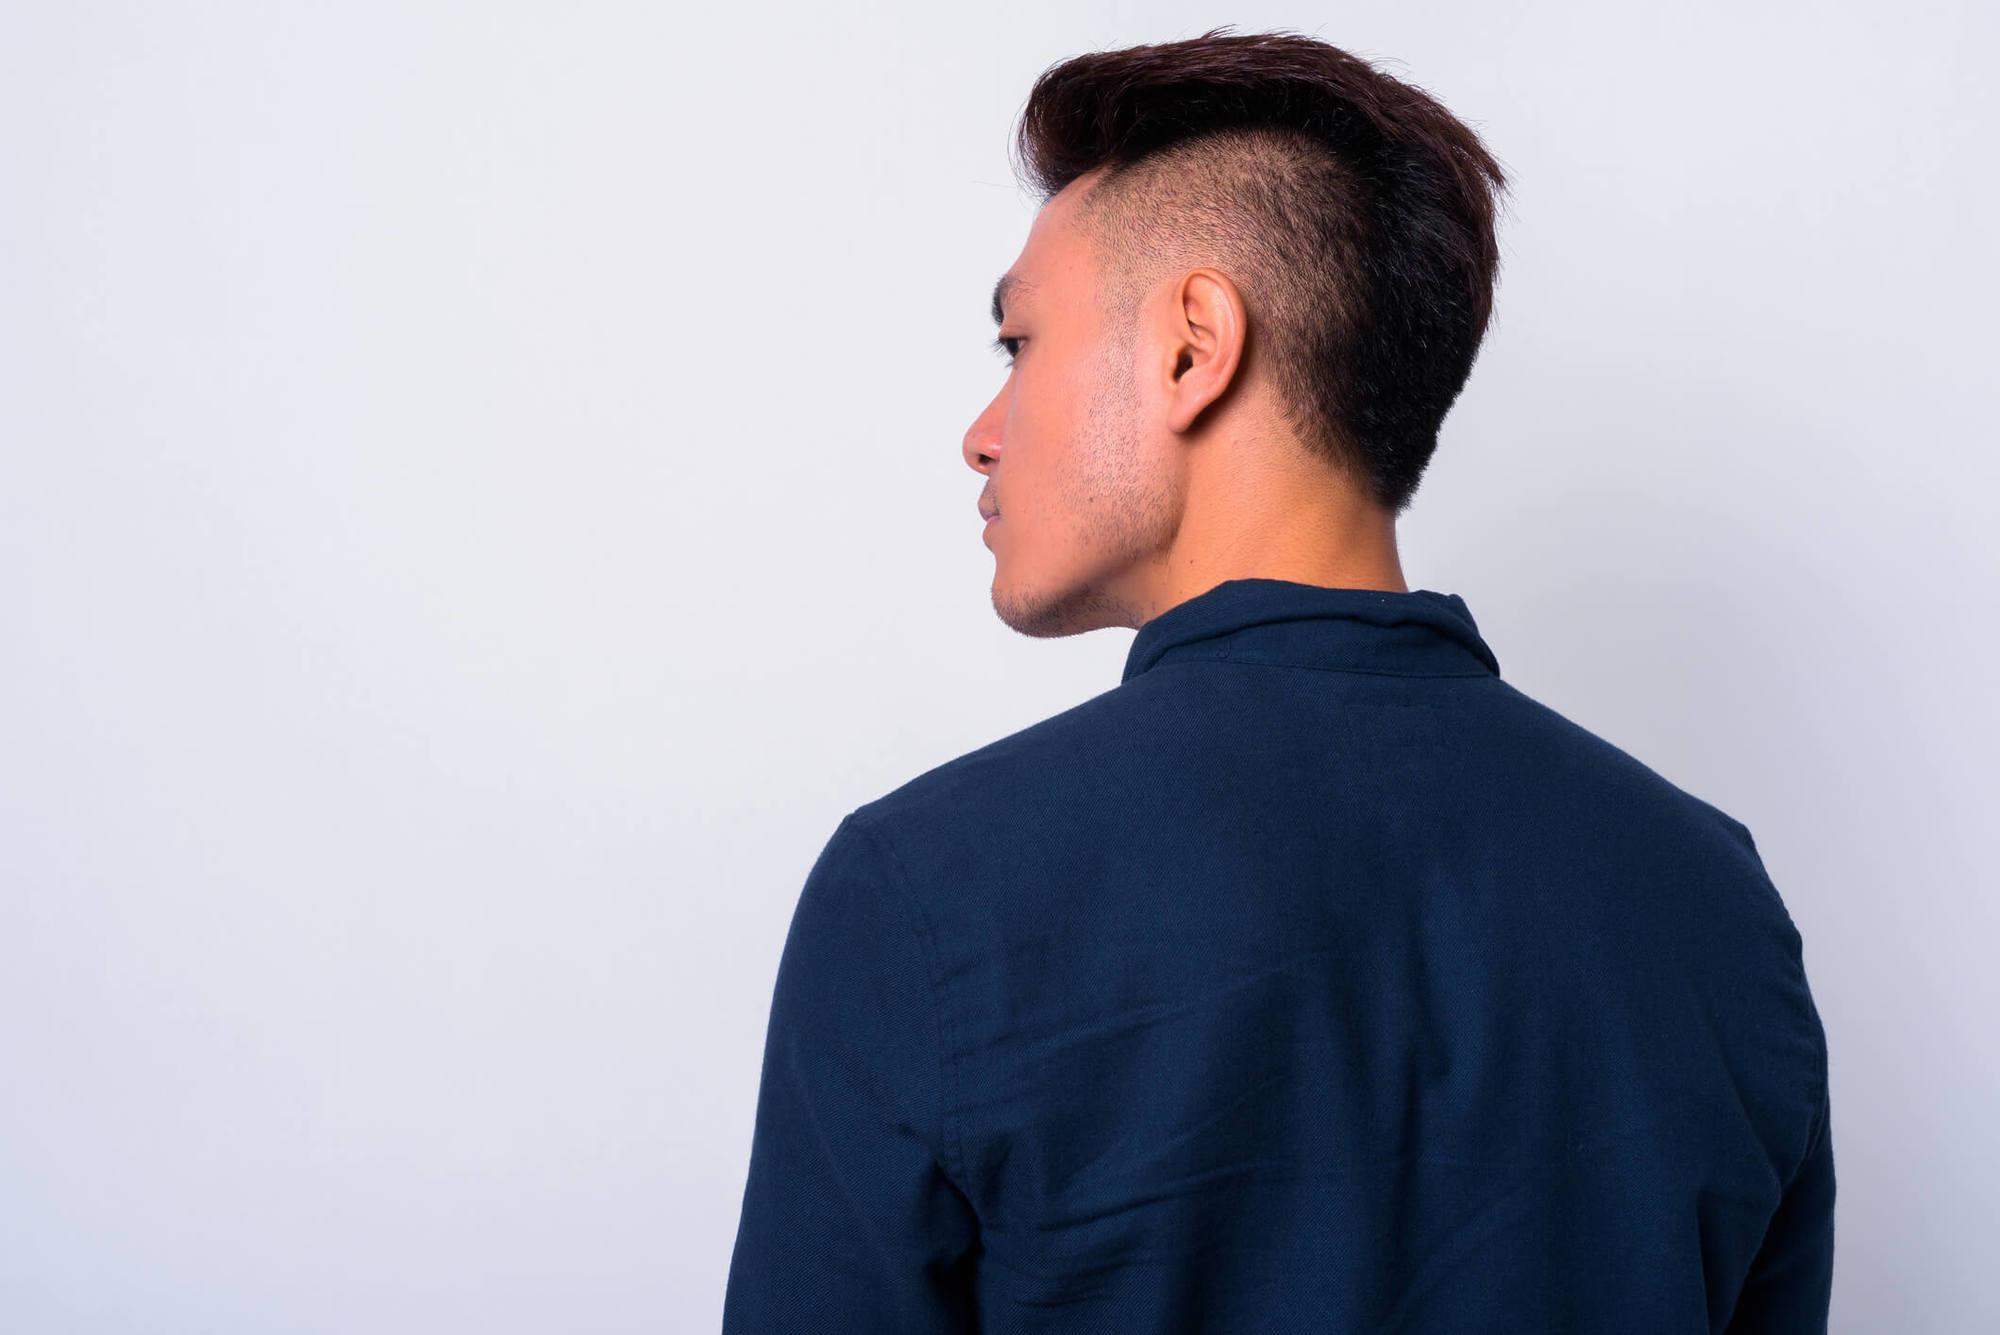 cortes de pelo para hombres con cara redonda mohicano